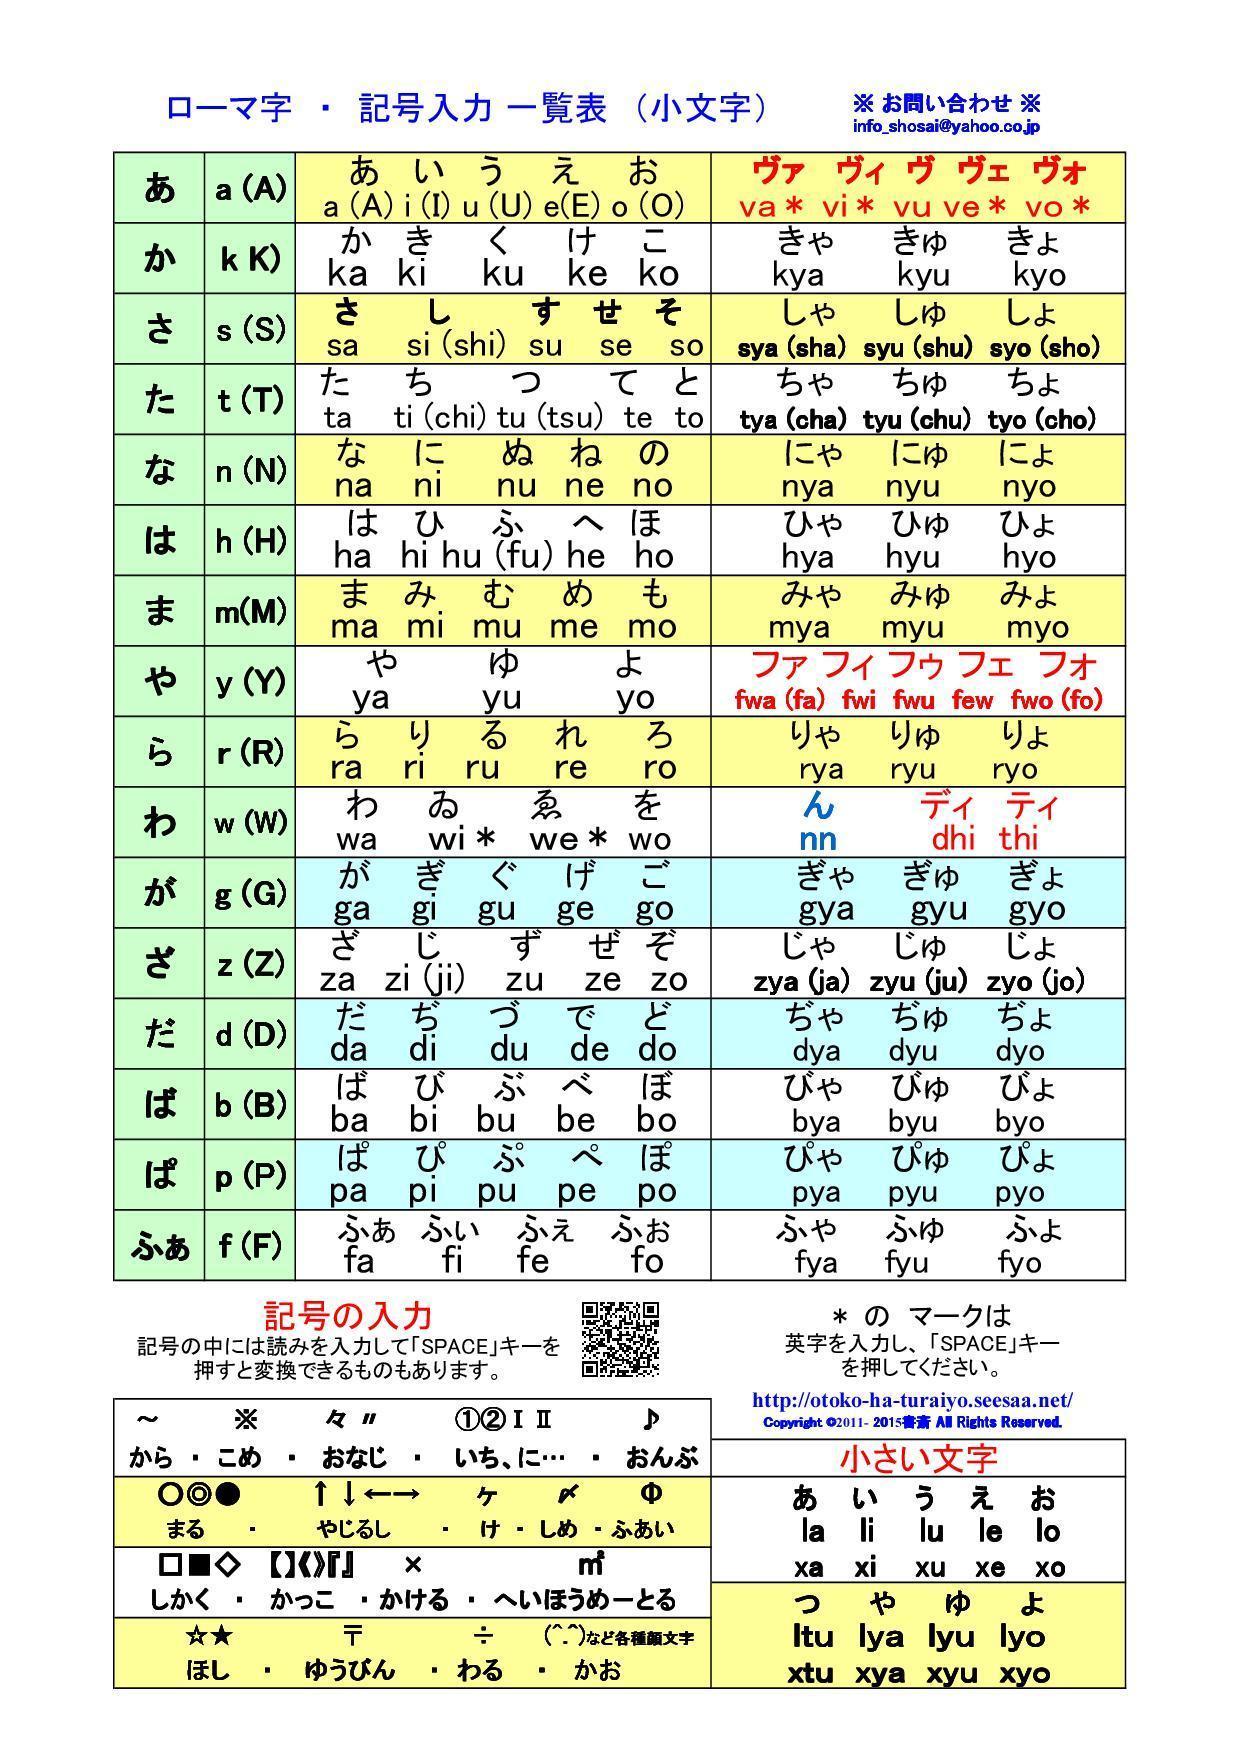 ローマ字 表 小文字 ローマ字入力表(PDF)を印刷して使おう!小学生が使いやすいものを作...